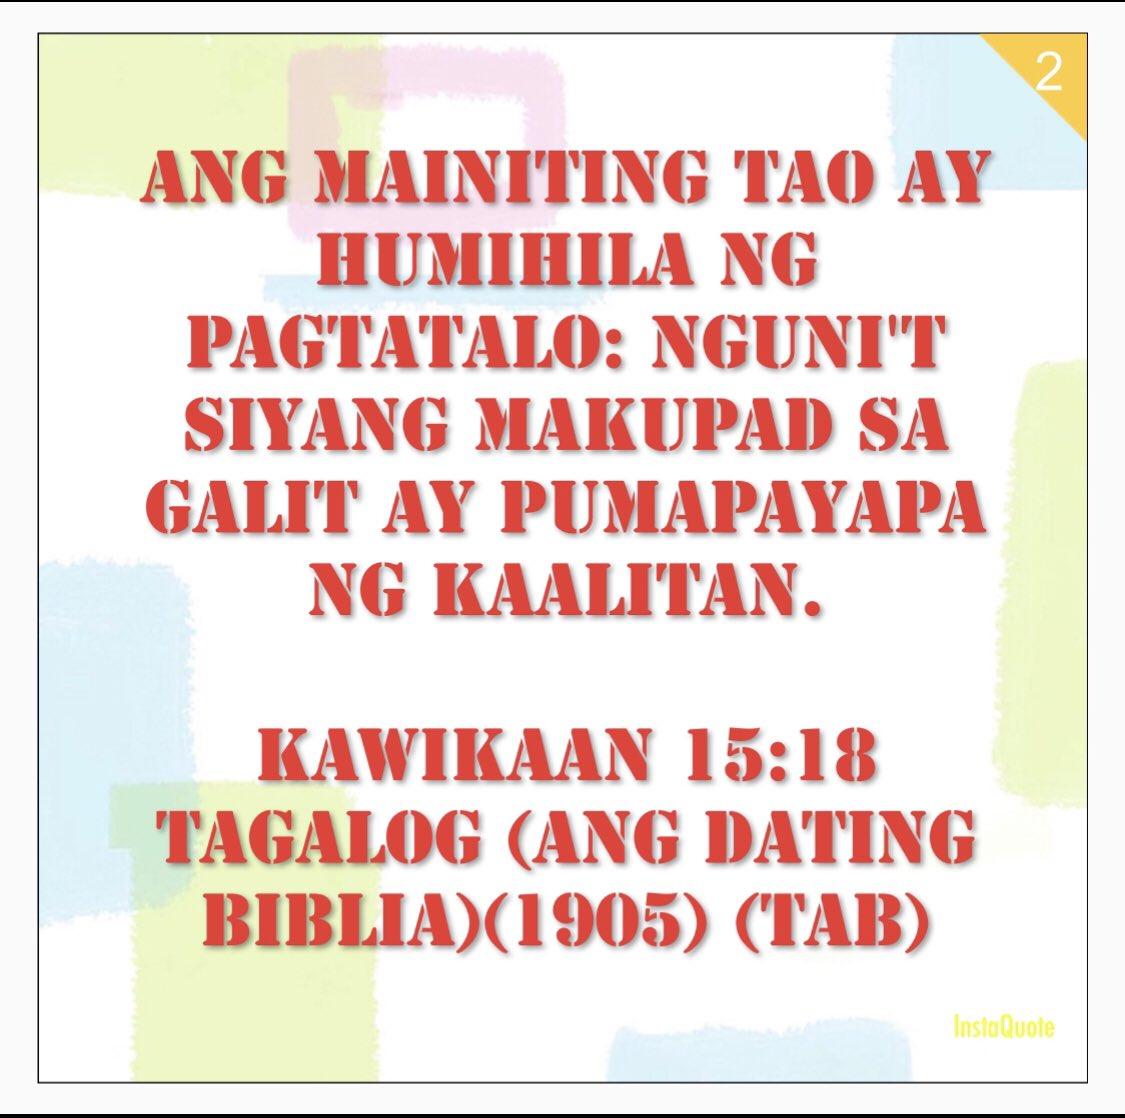 Ibalik ang dating tayo the bus